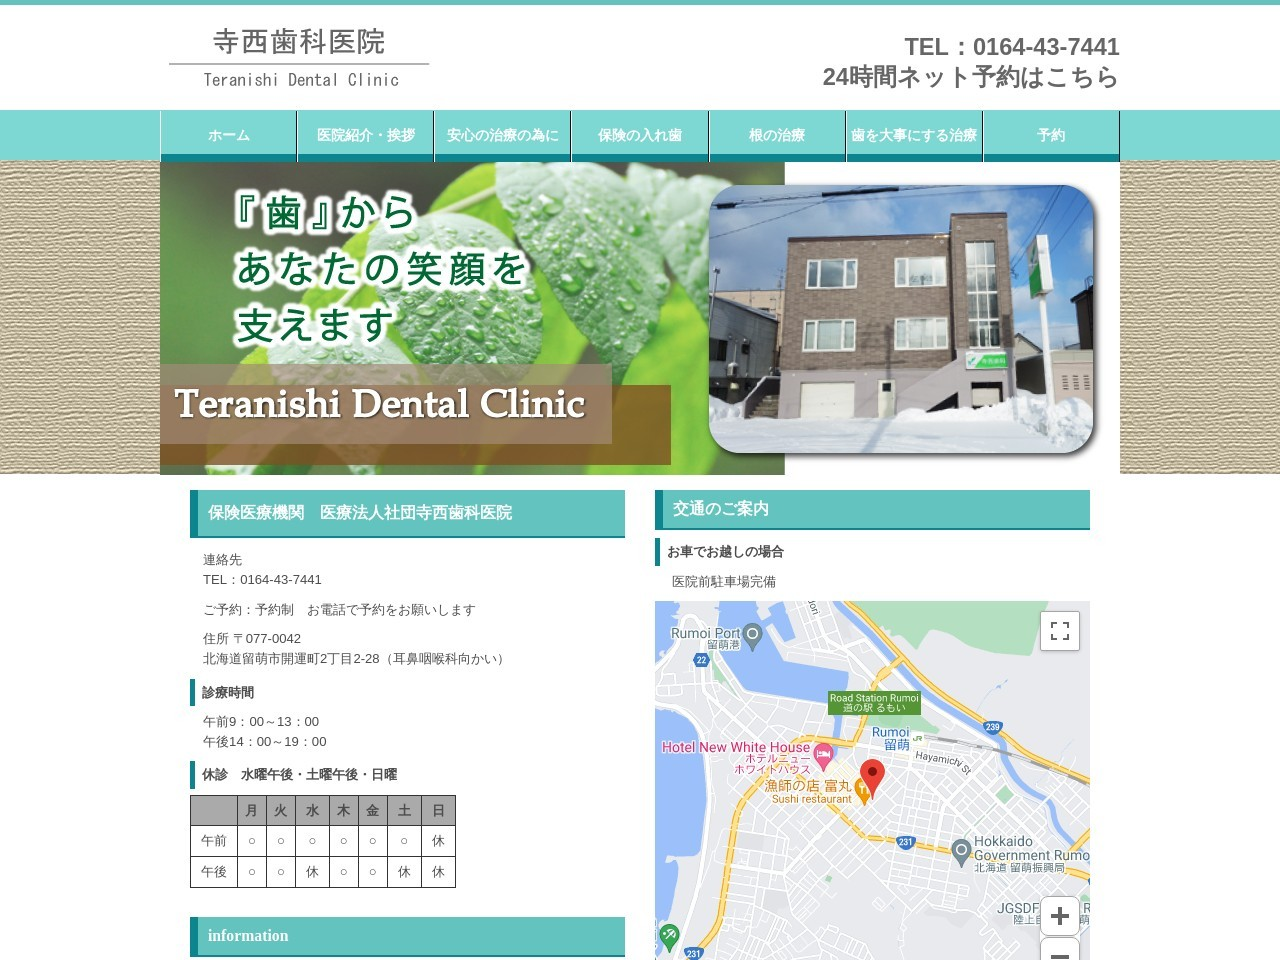 医療法人社団  寺西歯科医院 (北海道留萌市)